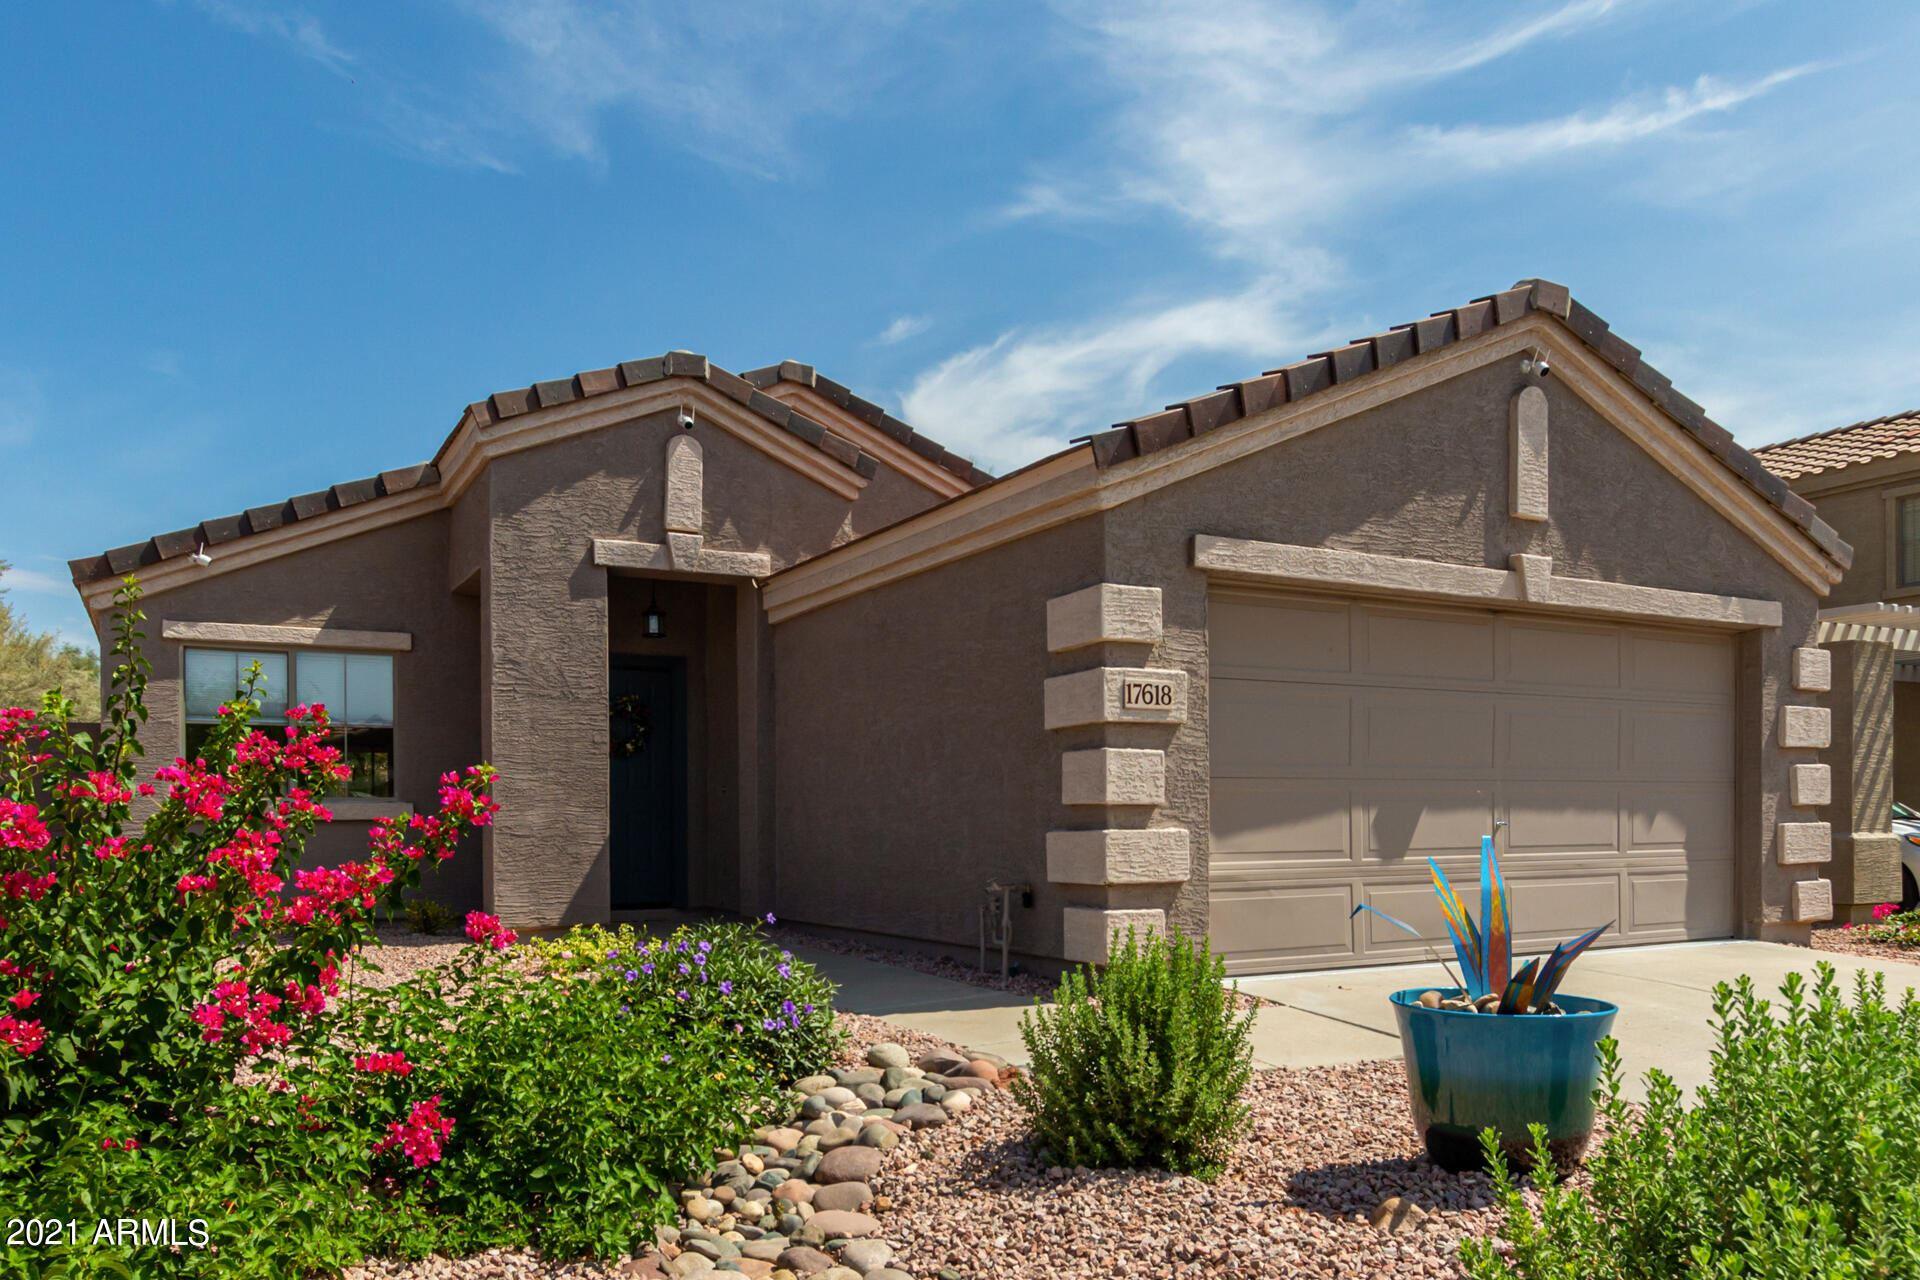 Photo of 17618 W CALAVAR Road, Surprise, AZ 85388 (MLS # 6268904)